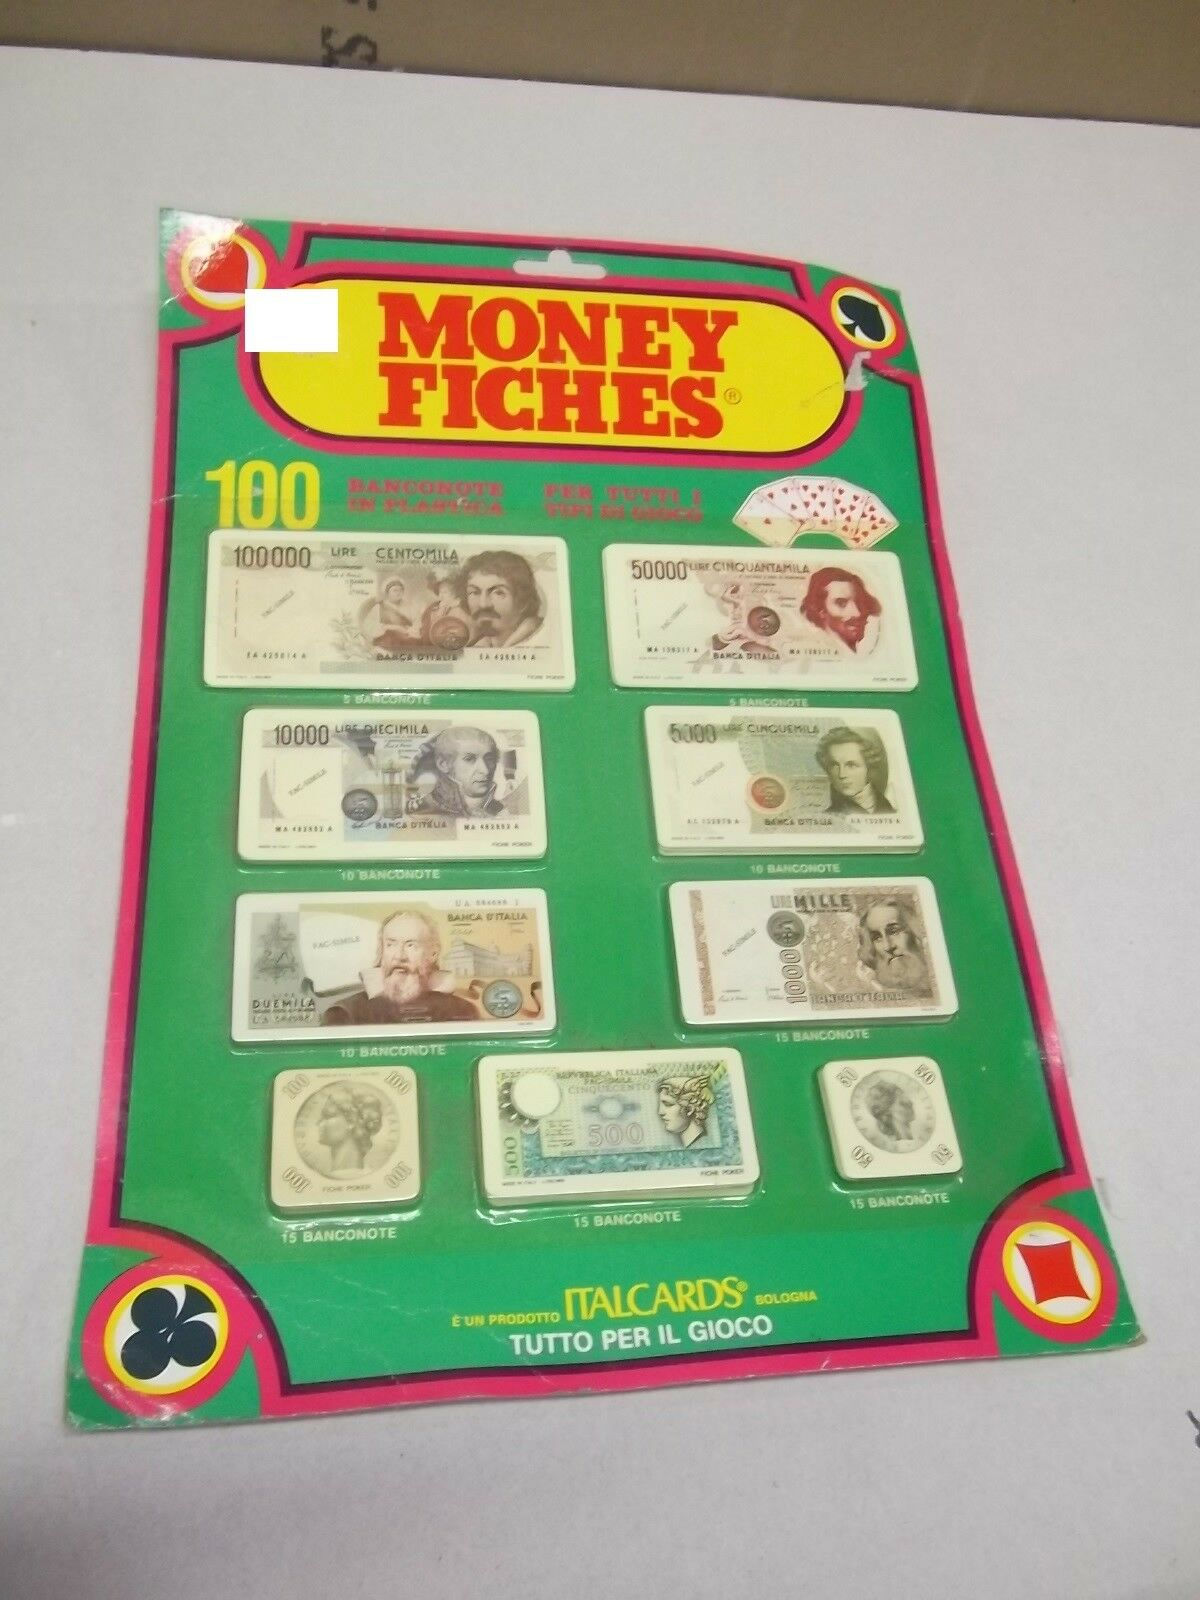 ITALCARDS MONEY MONEY MONEY FICHES AUS SPIEL IN LIVRE 100 BANKNOTEN PLASTIFIZIERT VINTAGE 946f8f